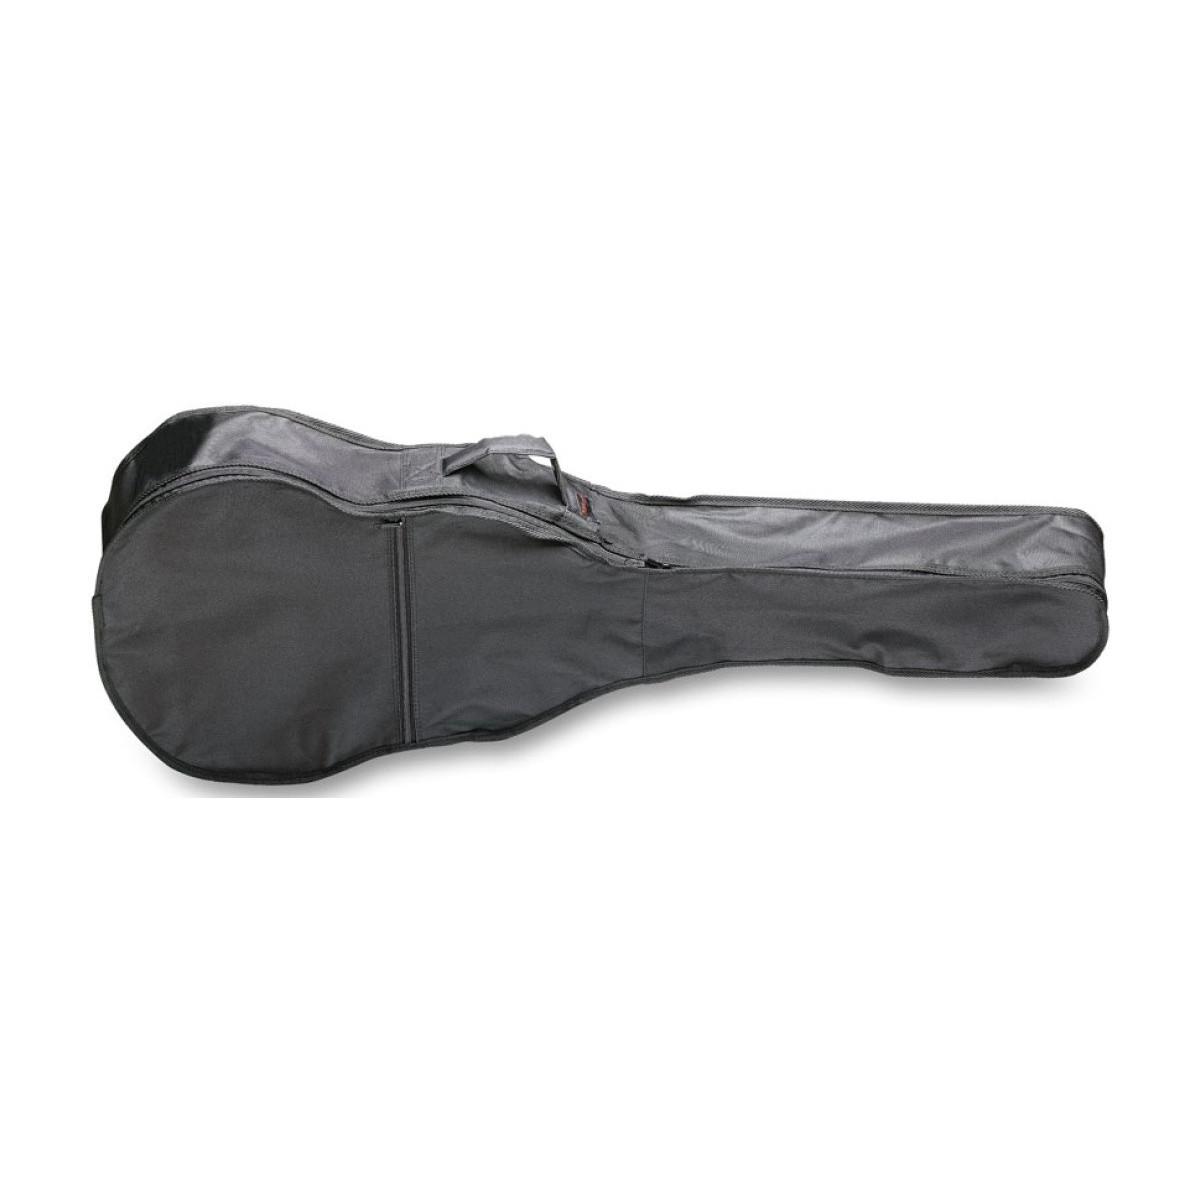 Housse en nylon pour guitare classique 4/4, série Eco